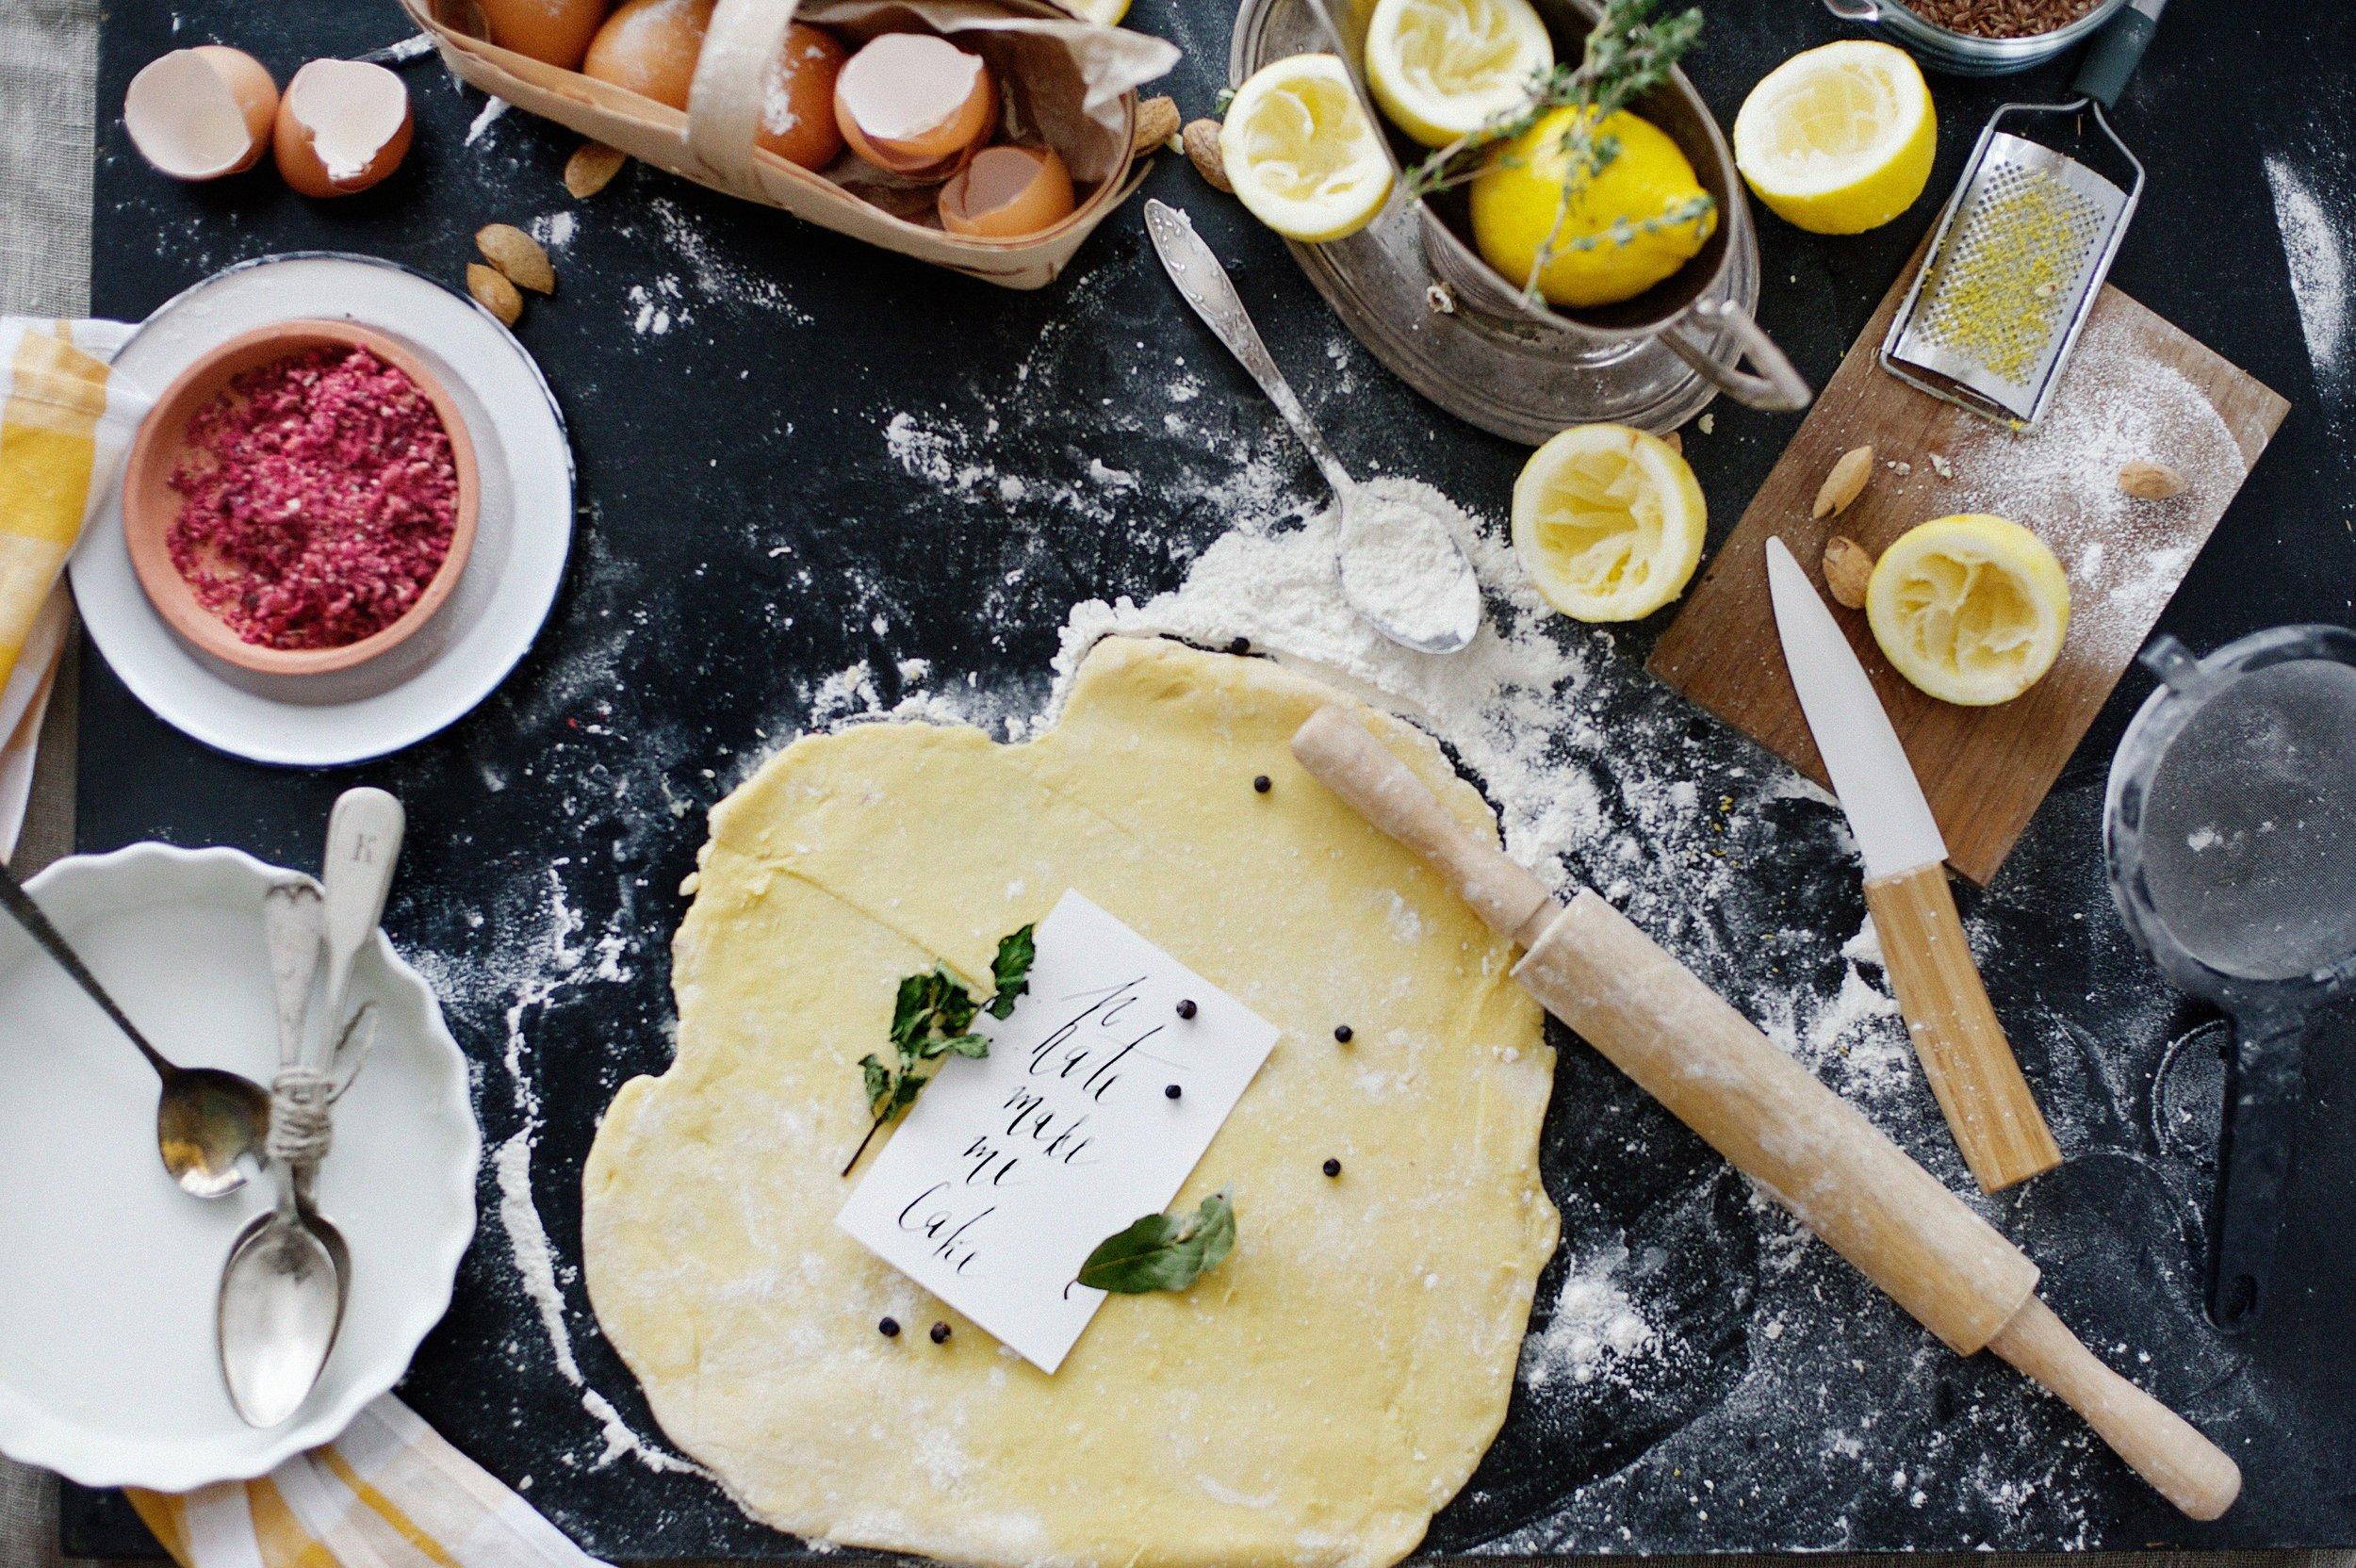 bread-cooking-cuisine-1070880.jpg